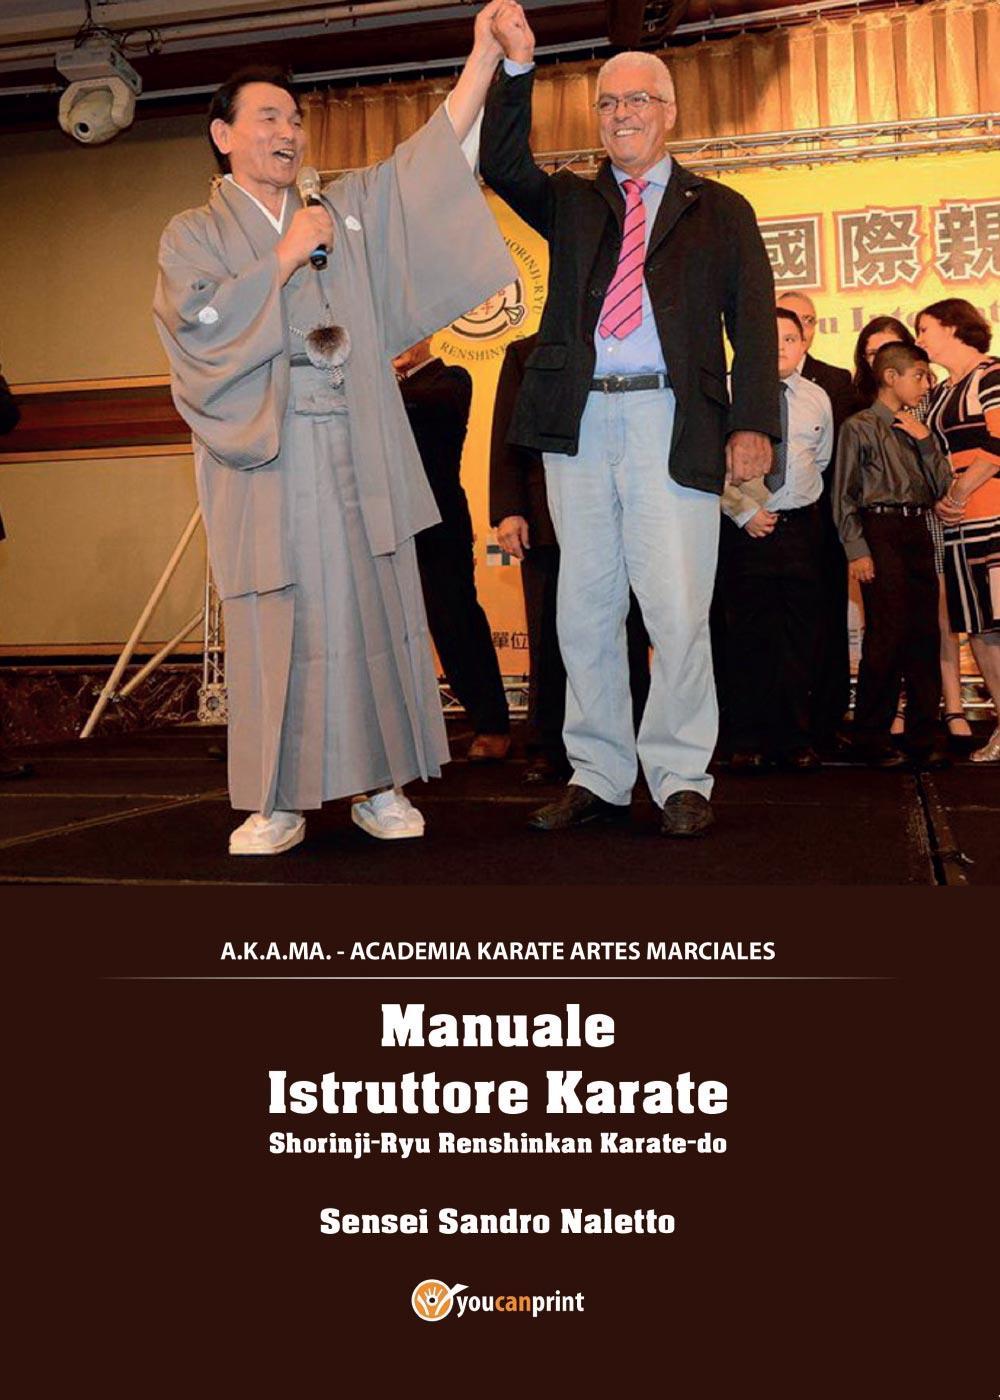 KARATE Shorinji-ryu Renshinkan - versione italiana